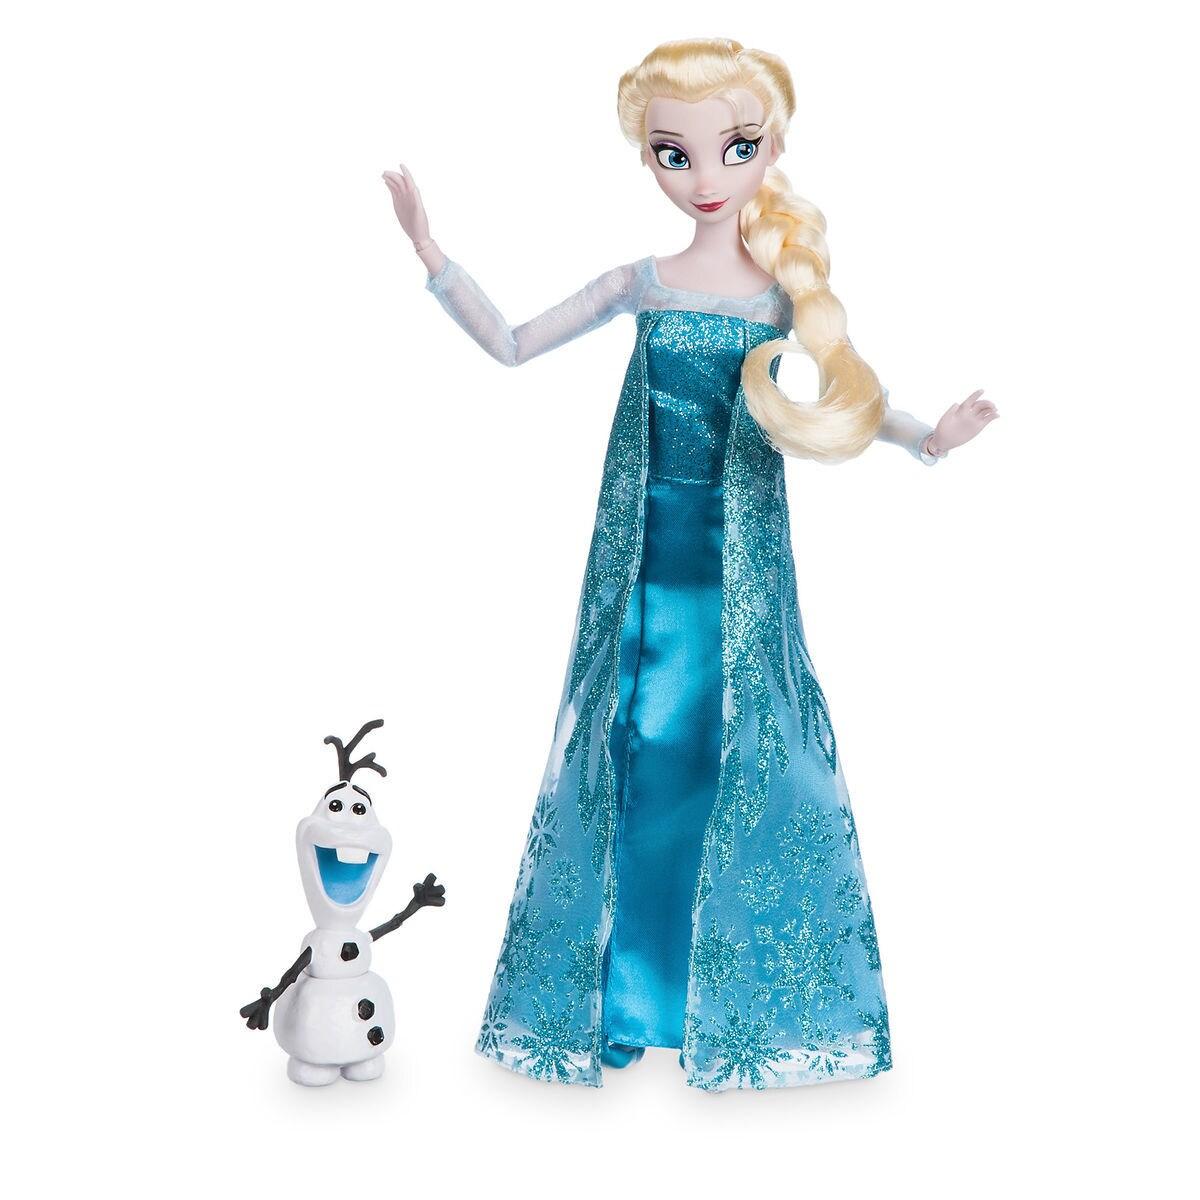 Elsa Classic Doll with Olaf Figure - 11 1/2\'\'   shopDisney